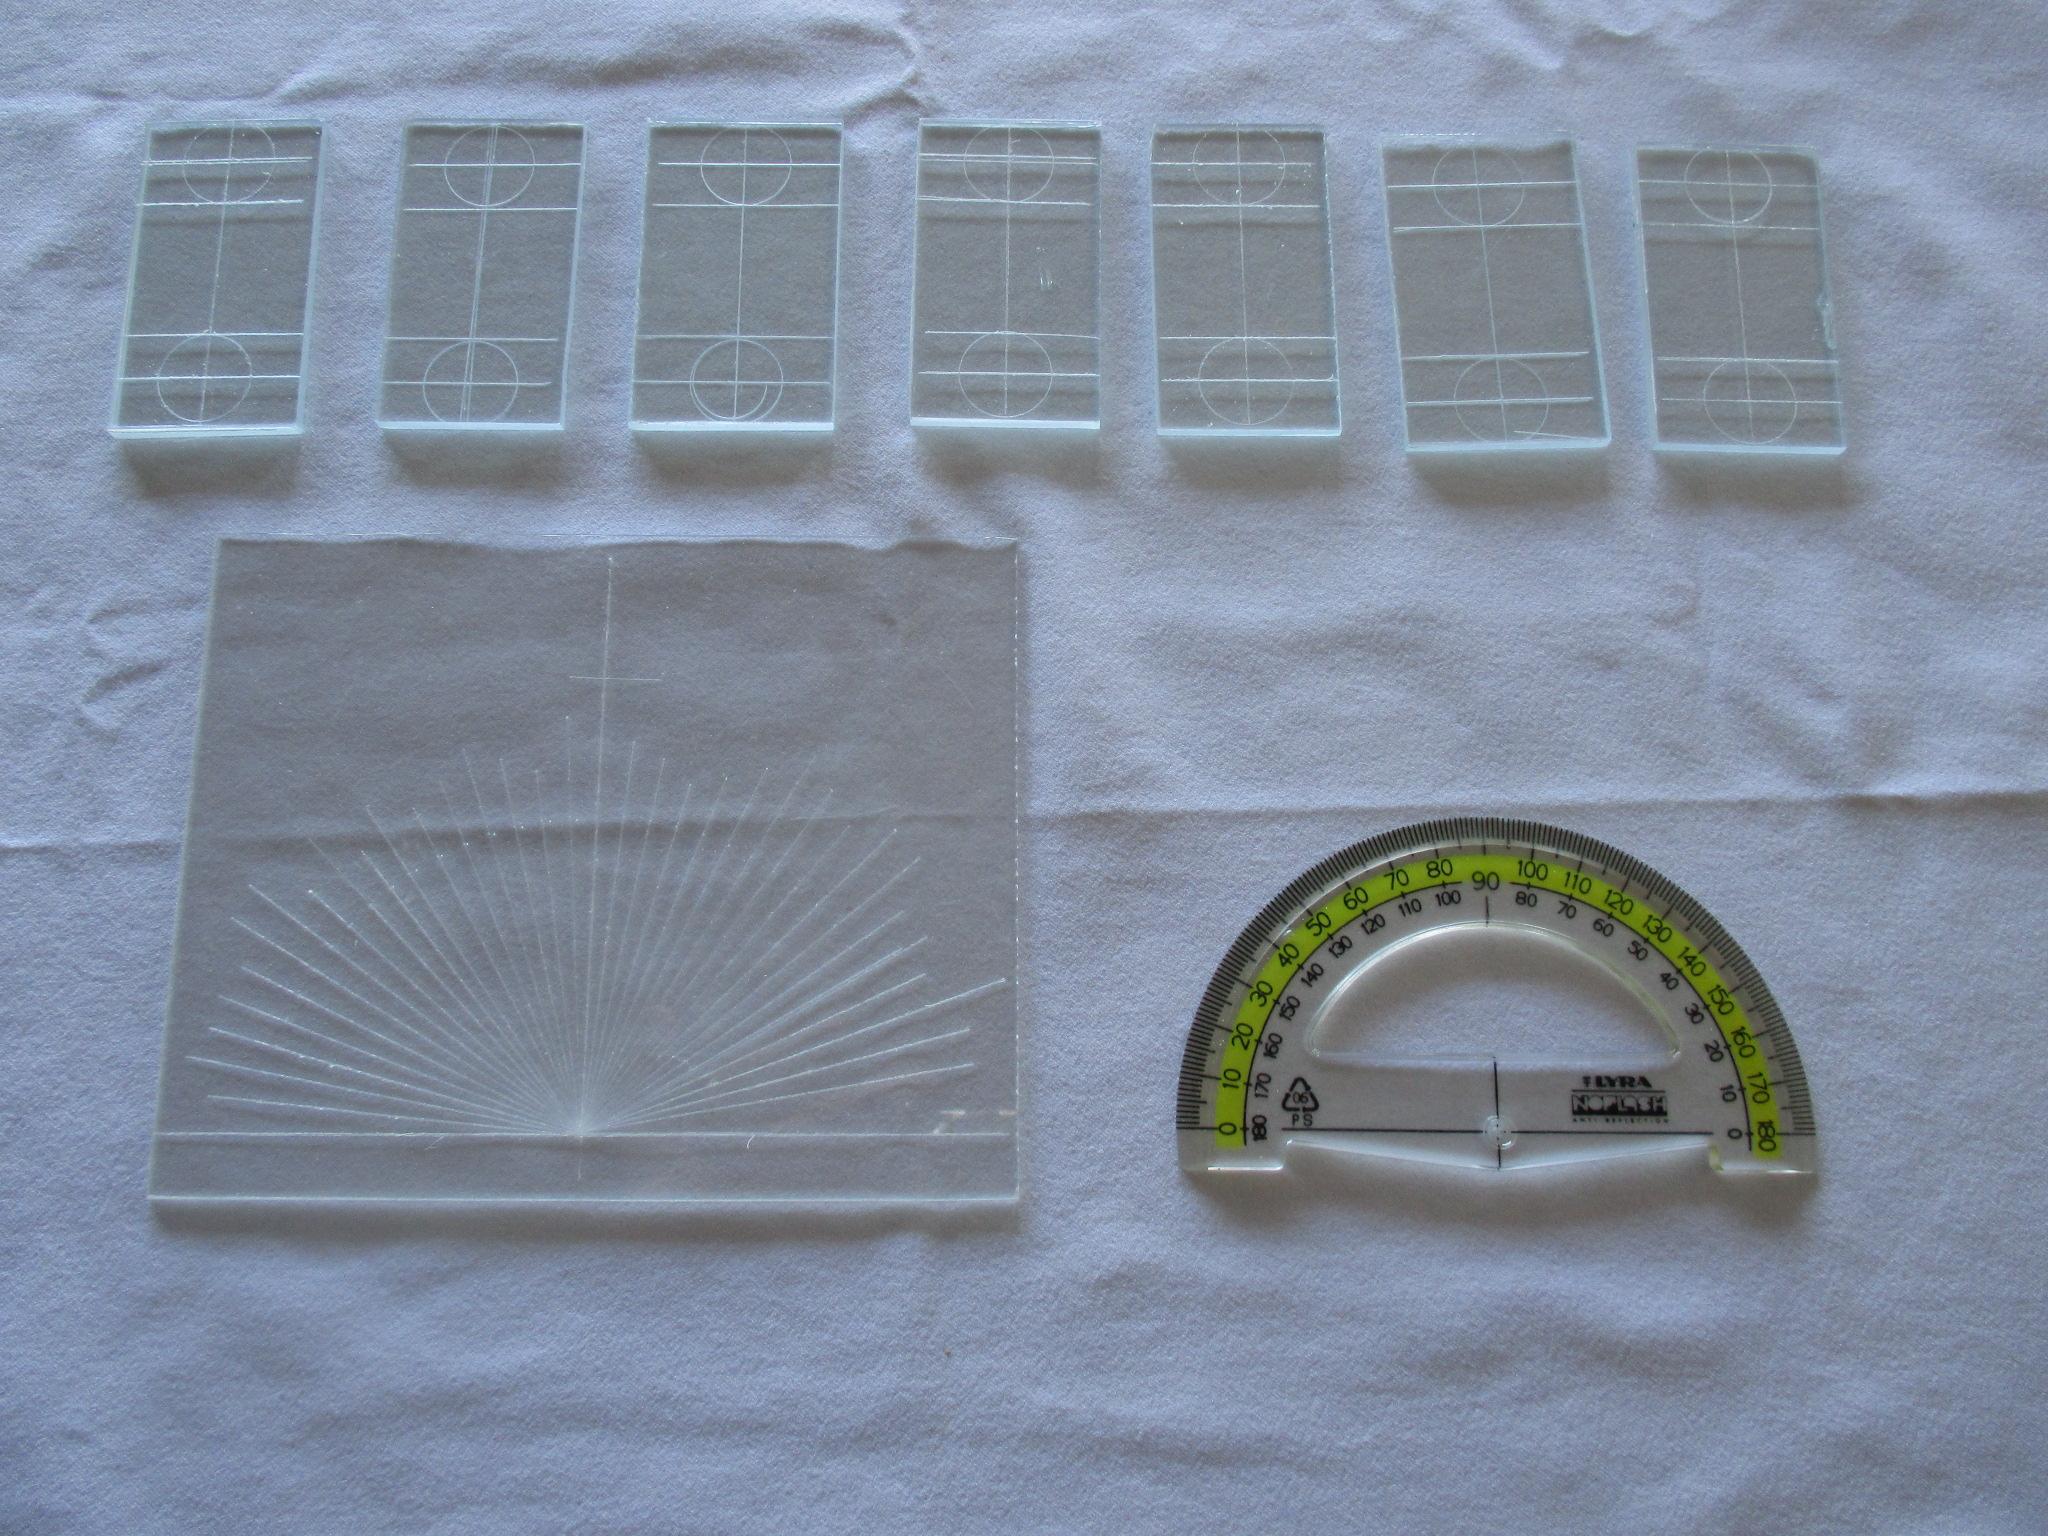 http://www.energialternativa.info/public/newforum/ForumEA/U/Foto%20572.jpg